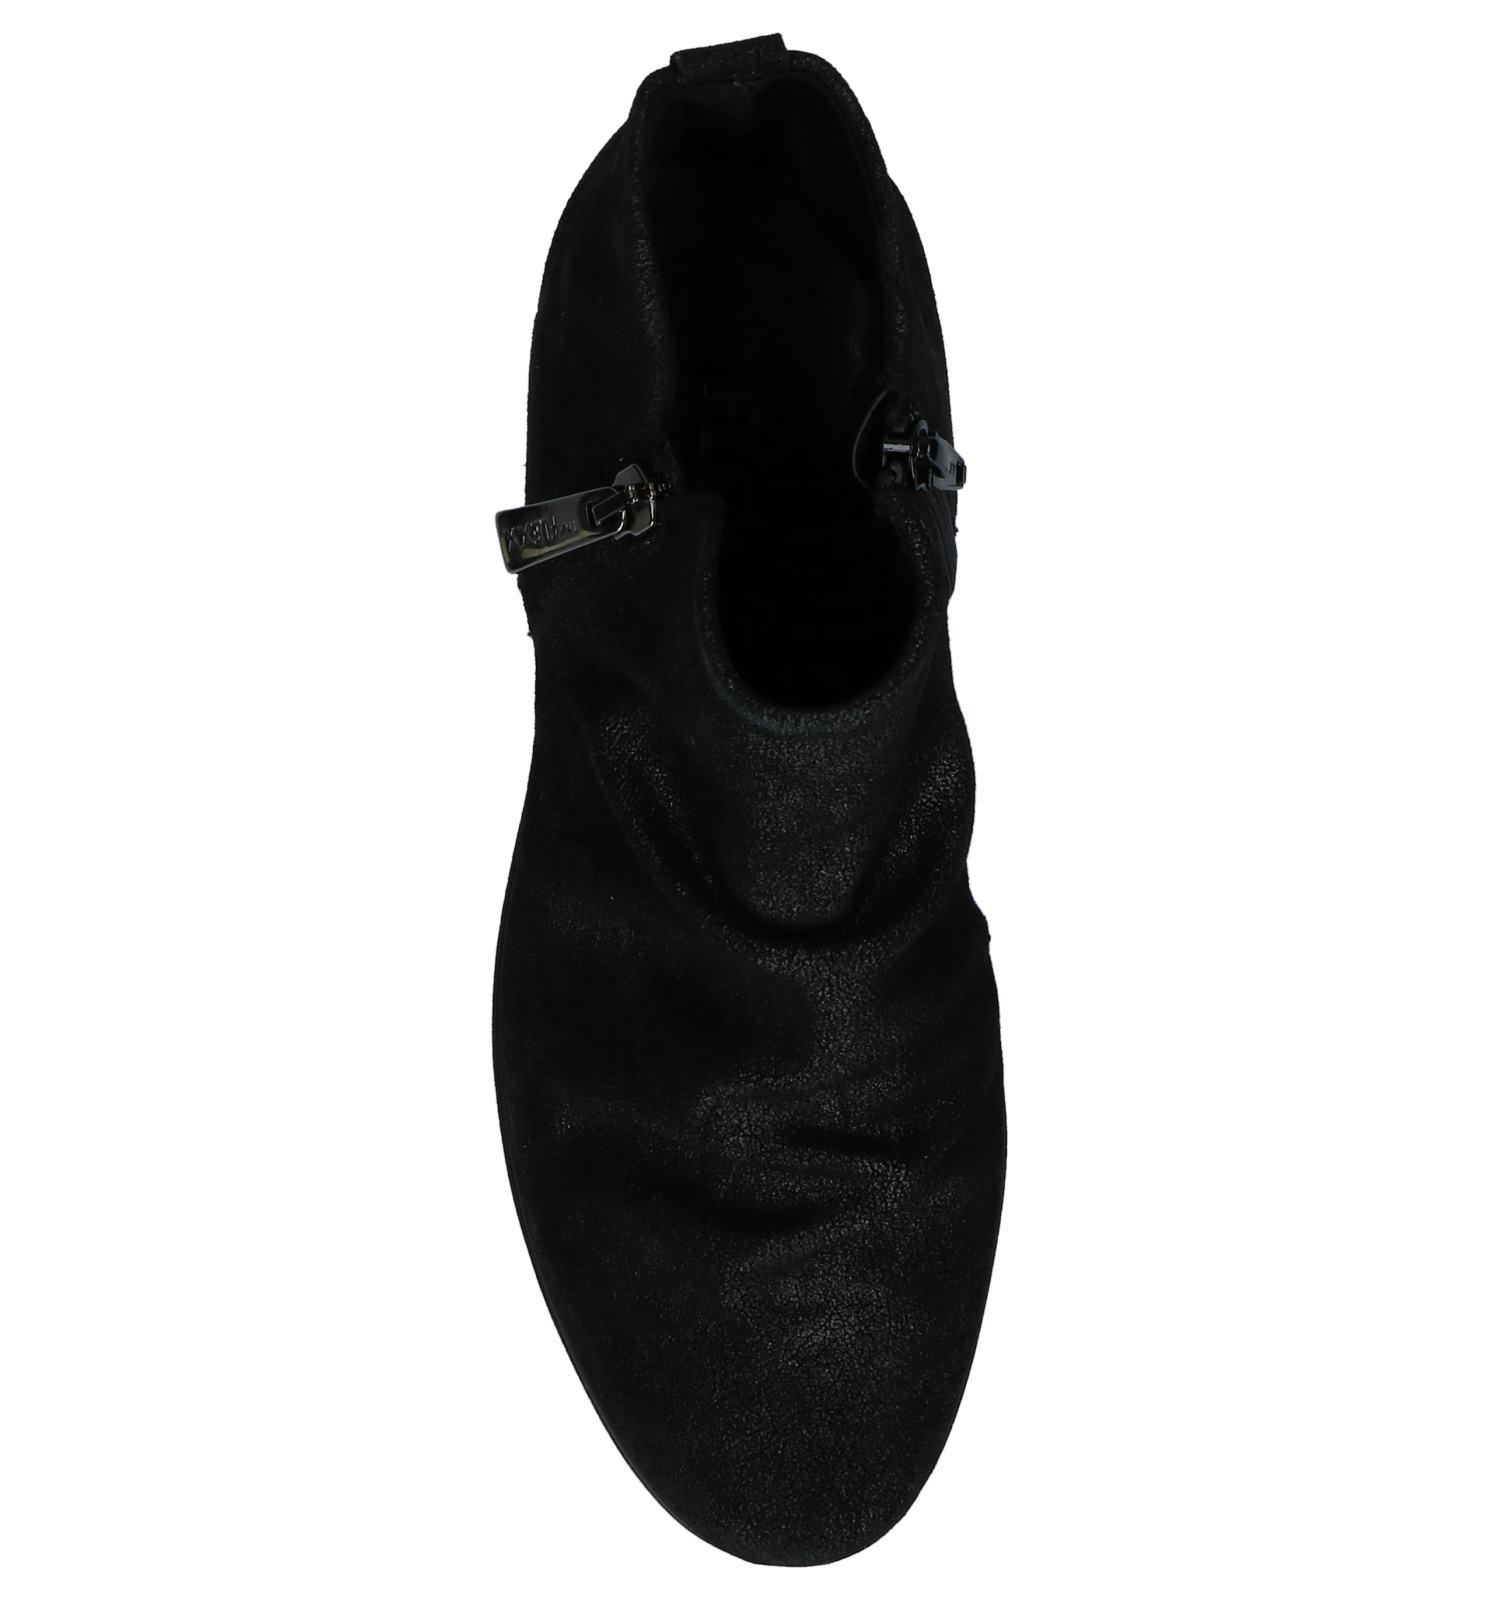 Zwarte Enkellaarzen met Sleehak The Flexx Slingshot